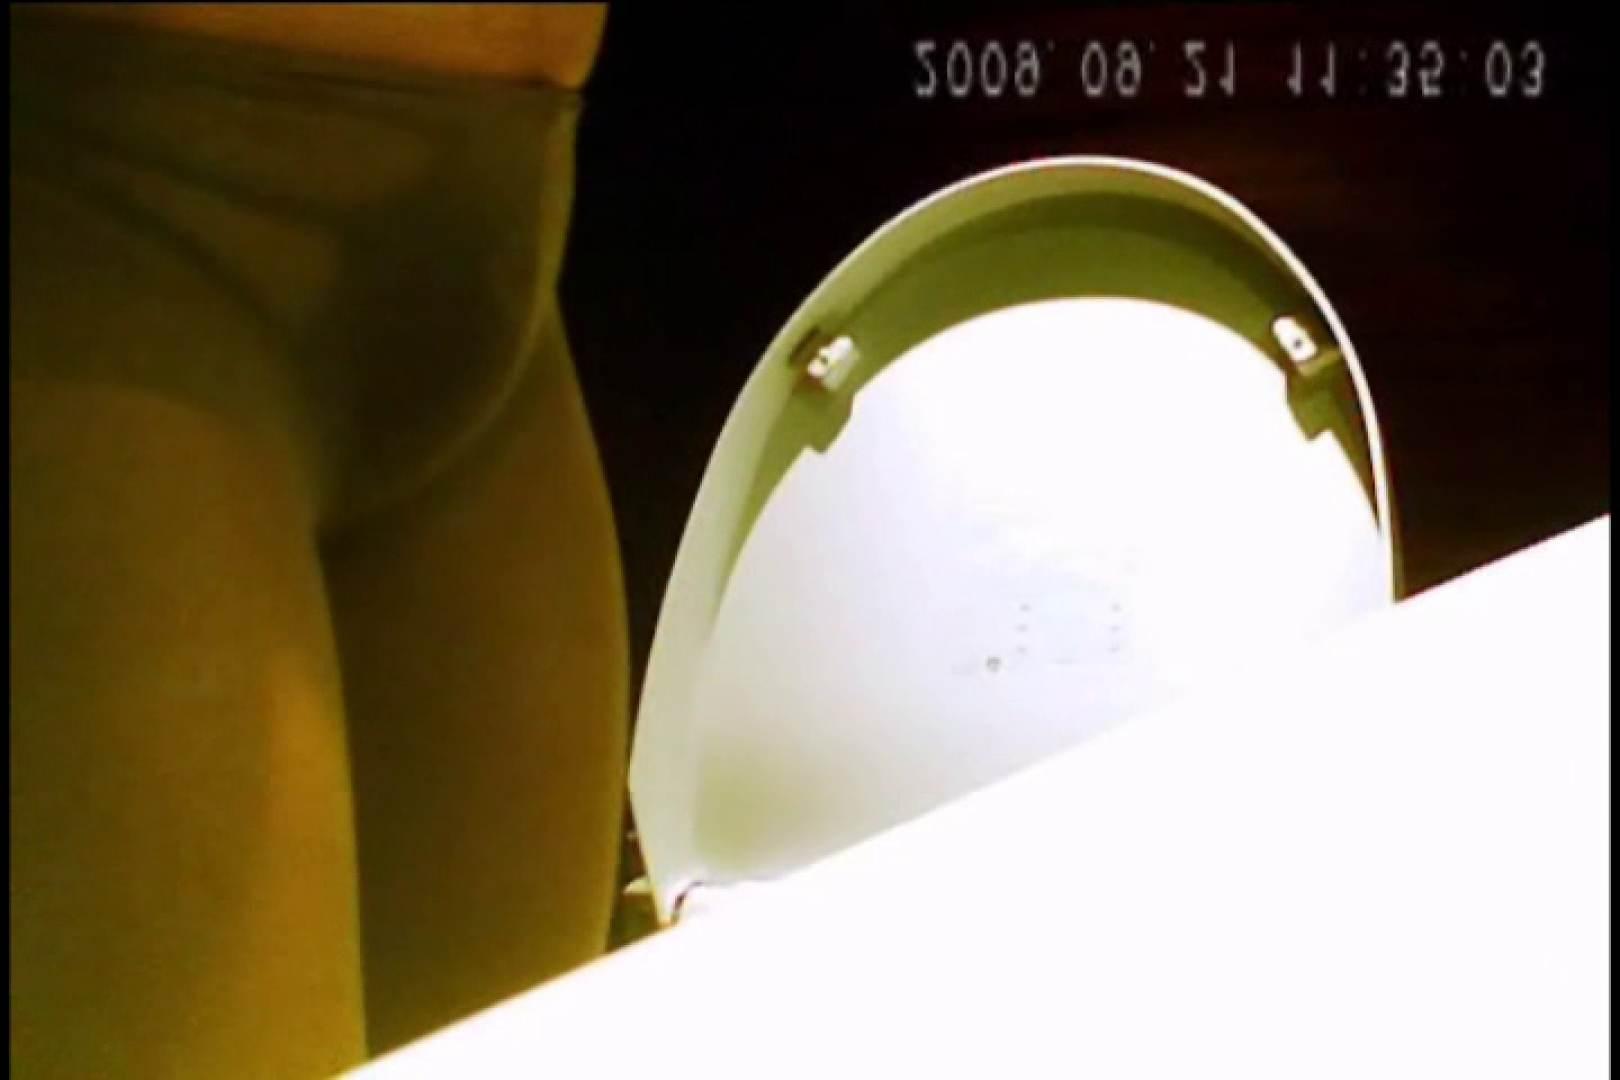 亀さんかわや VIPバージョン! vol.21 黄金水 AV動画キャプチャ 78PIX 29